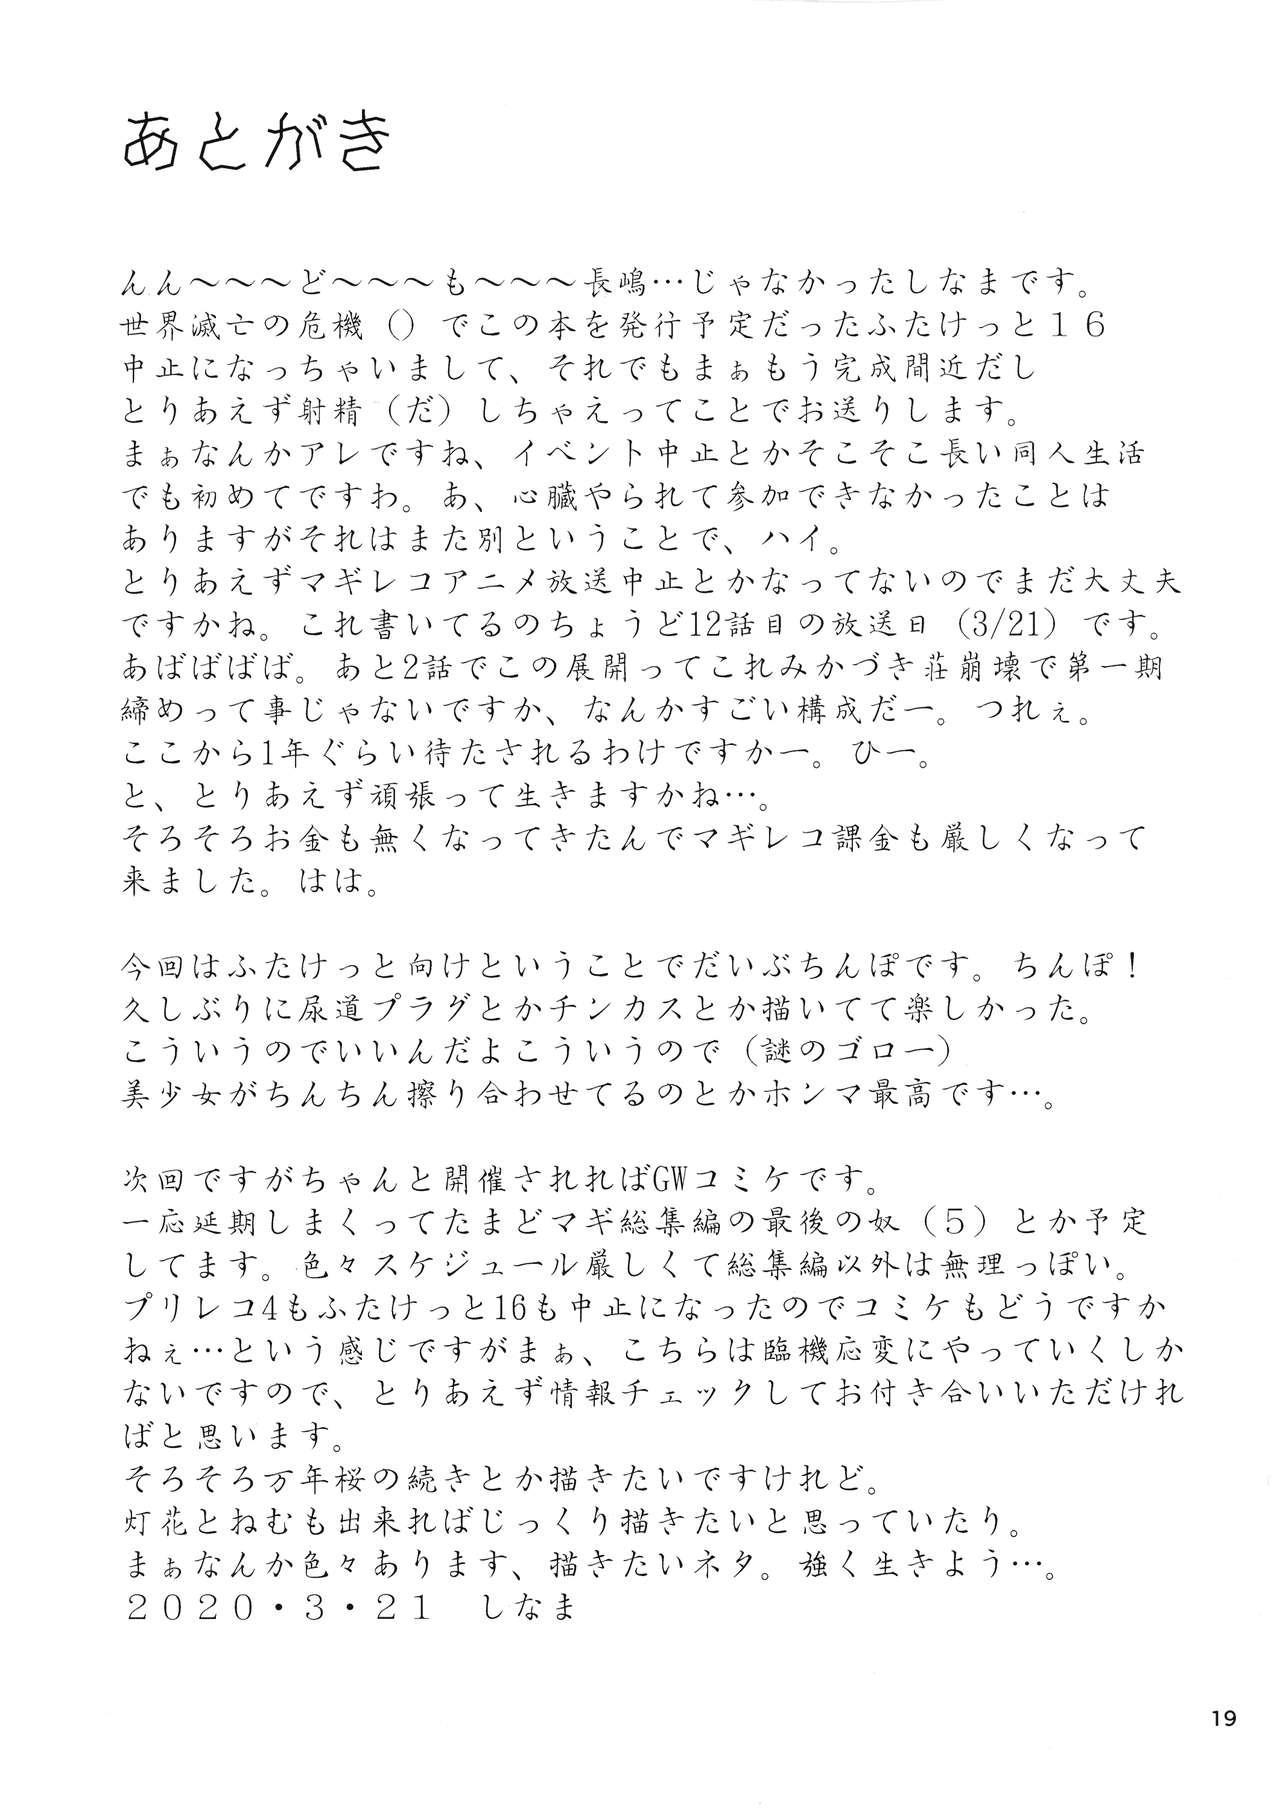 Shiawase no wa-iro 17